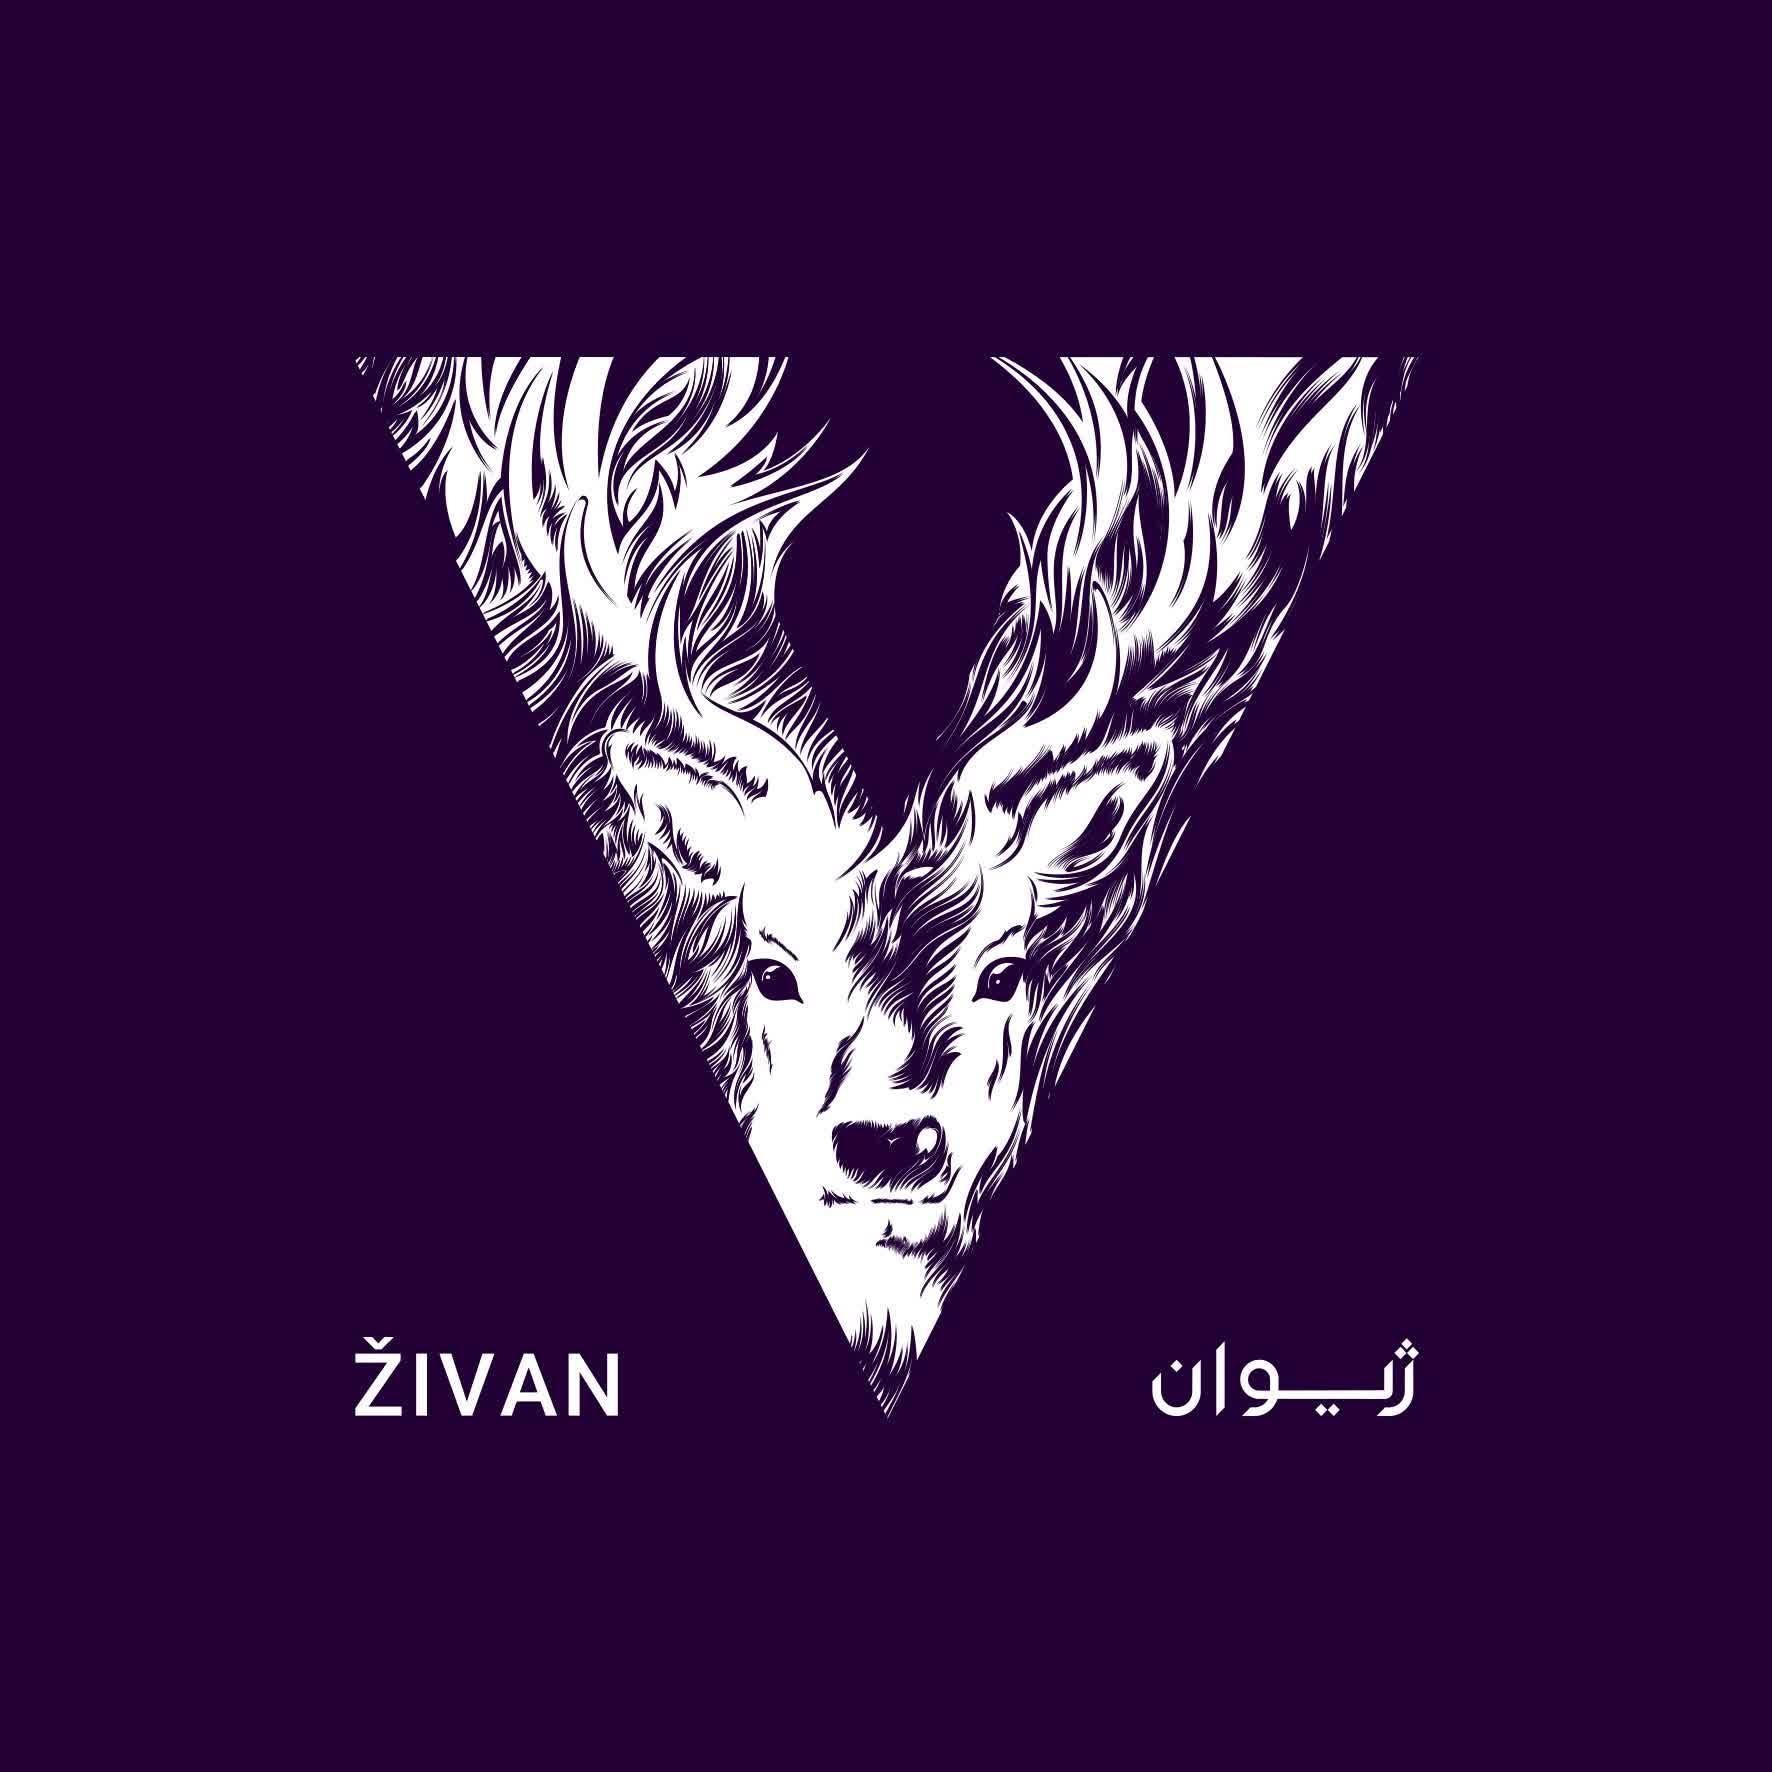 Zivan / ژیوان